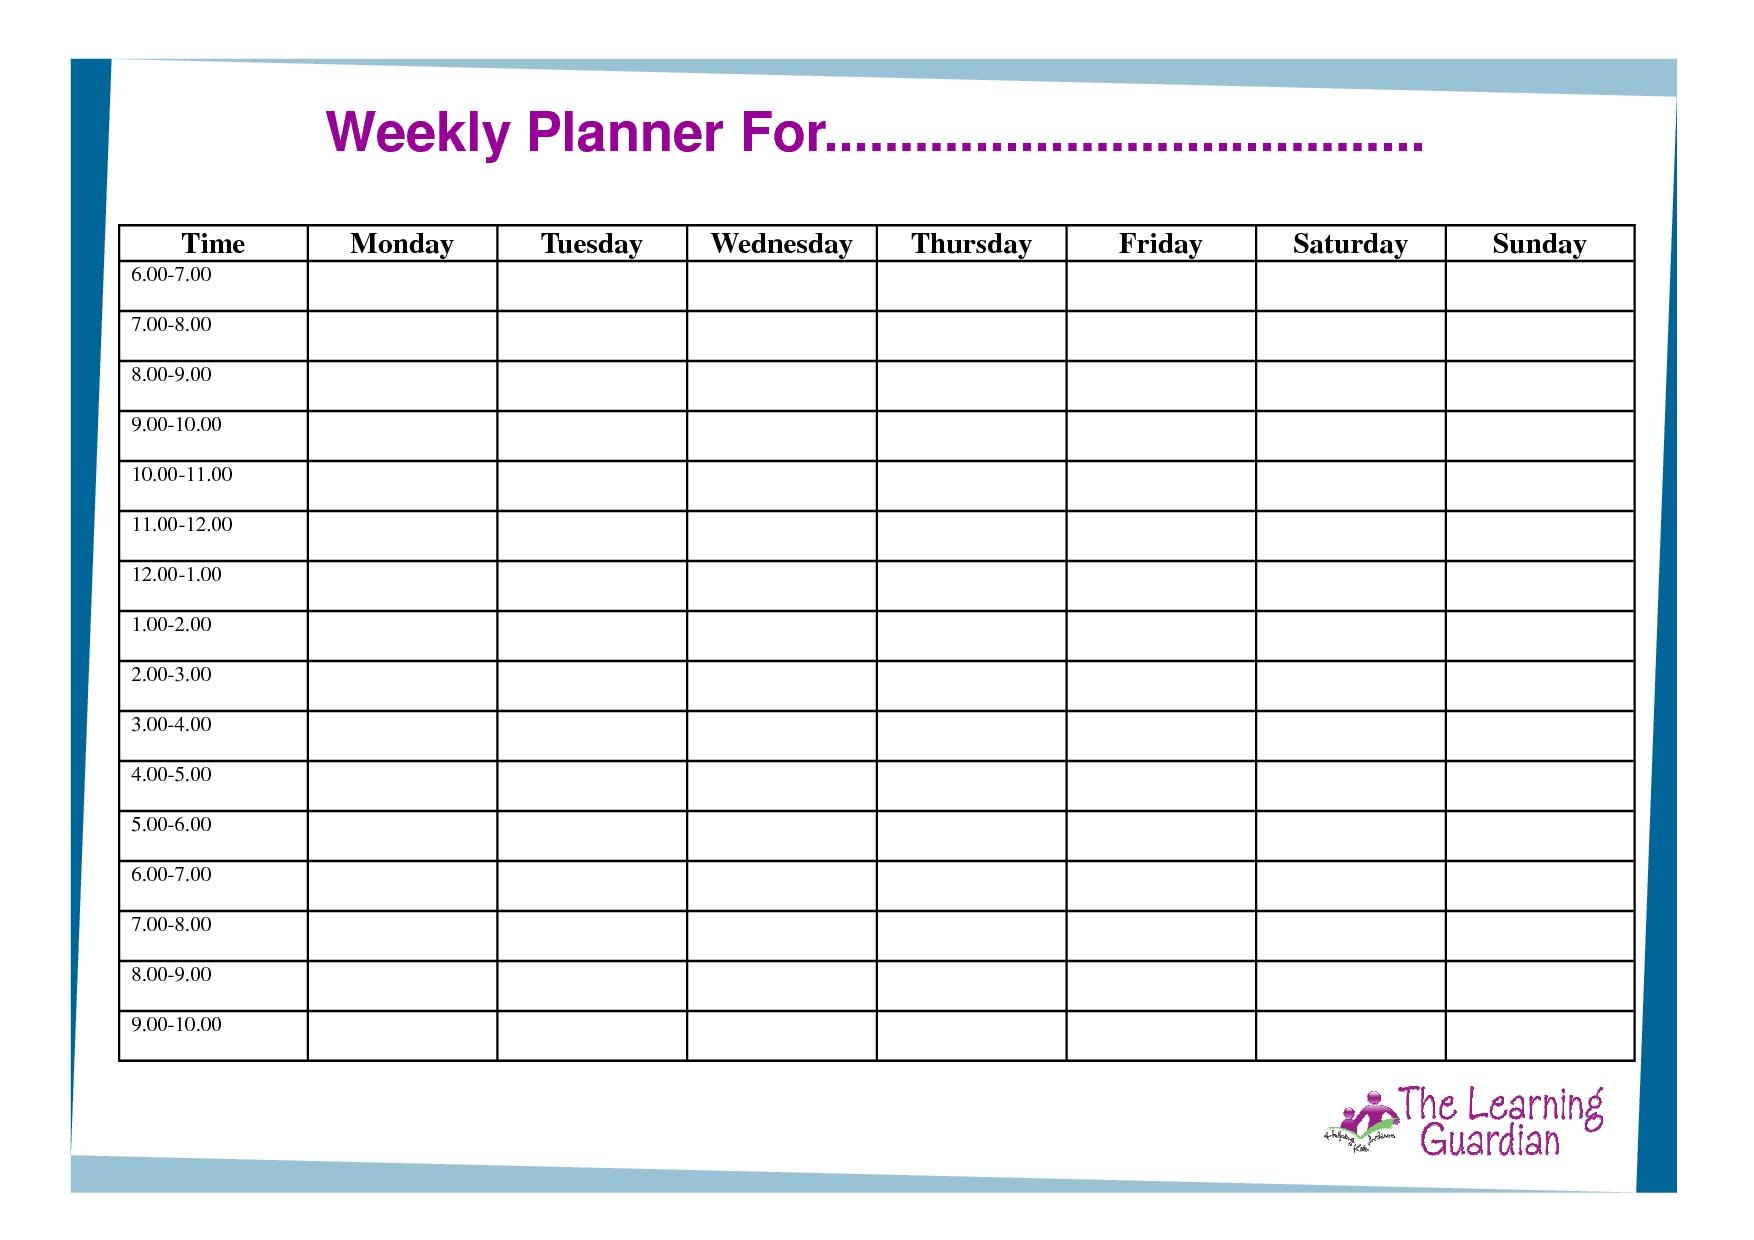 Weekly Calendar Template Monday To Friday   Calendar Free Printable Calendar Mon To Fri